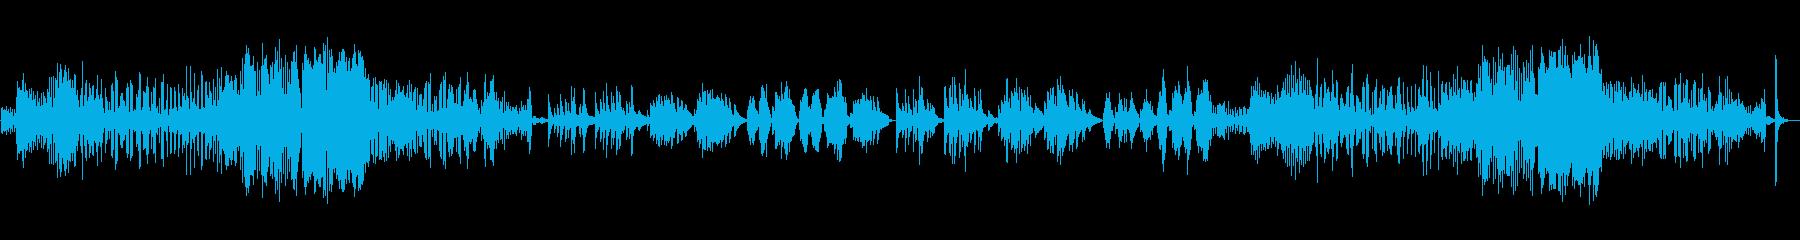 抒情小曲集より「ドワーフの行進」の再生済みの波形